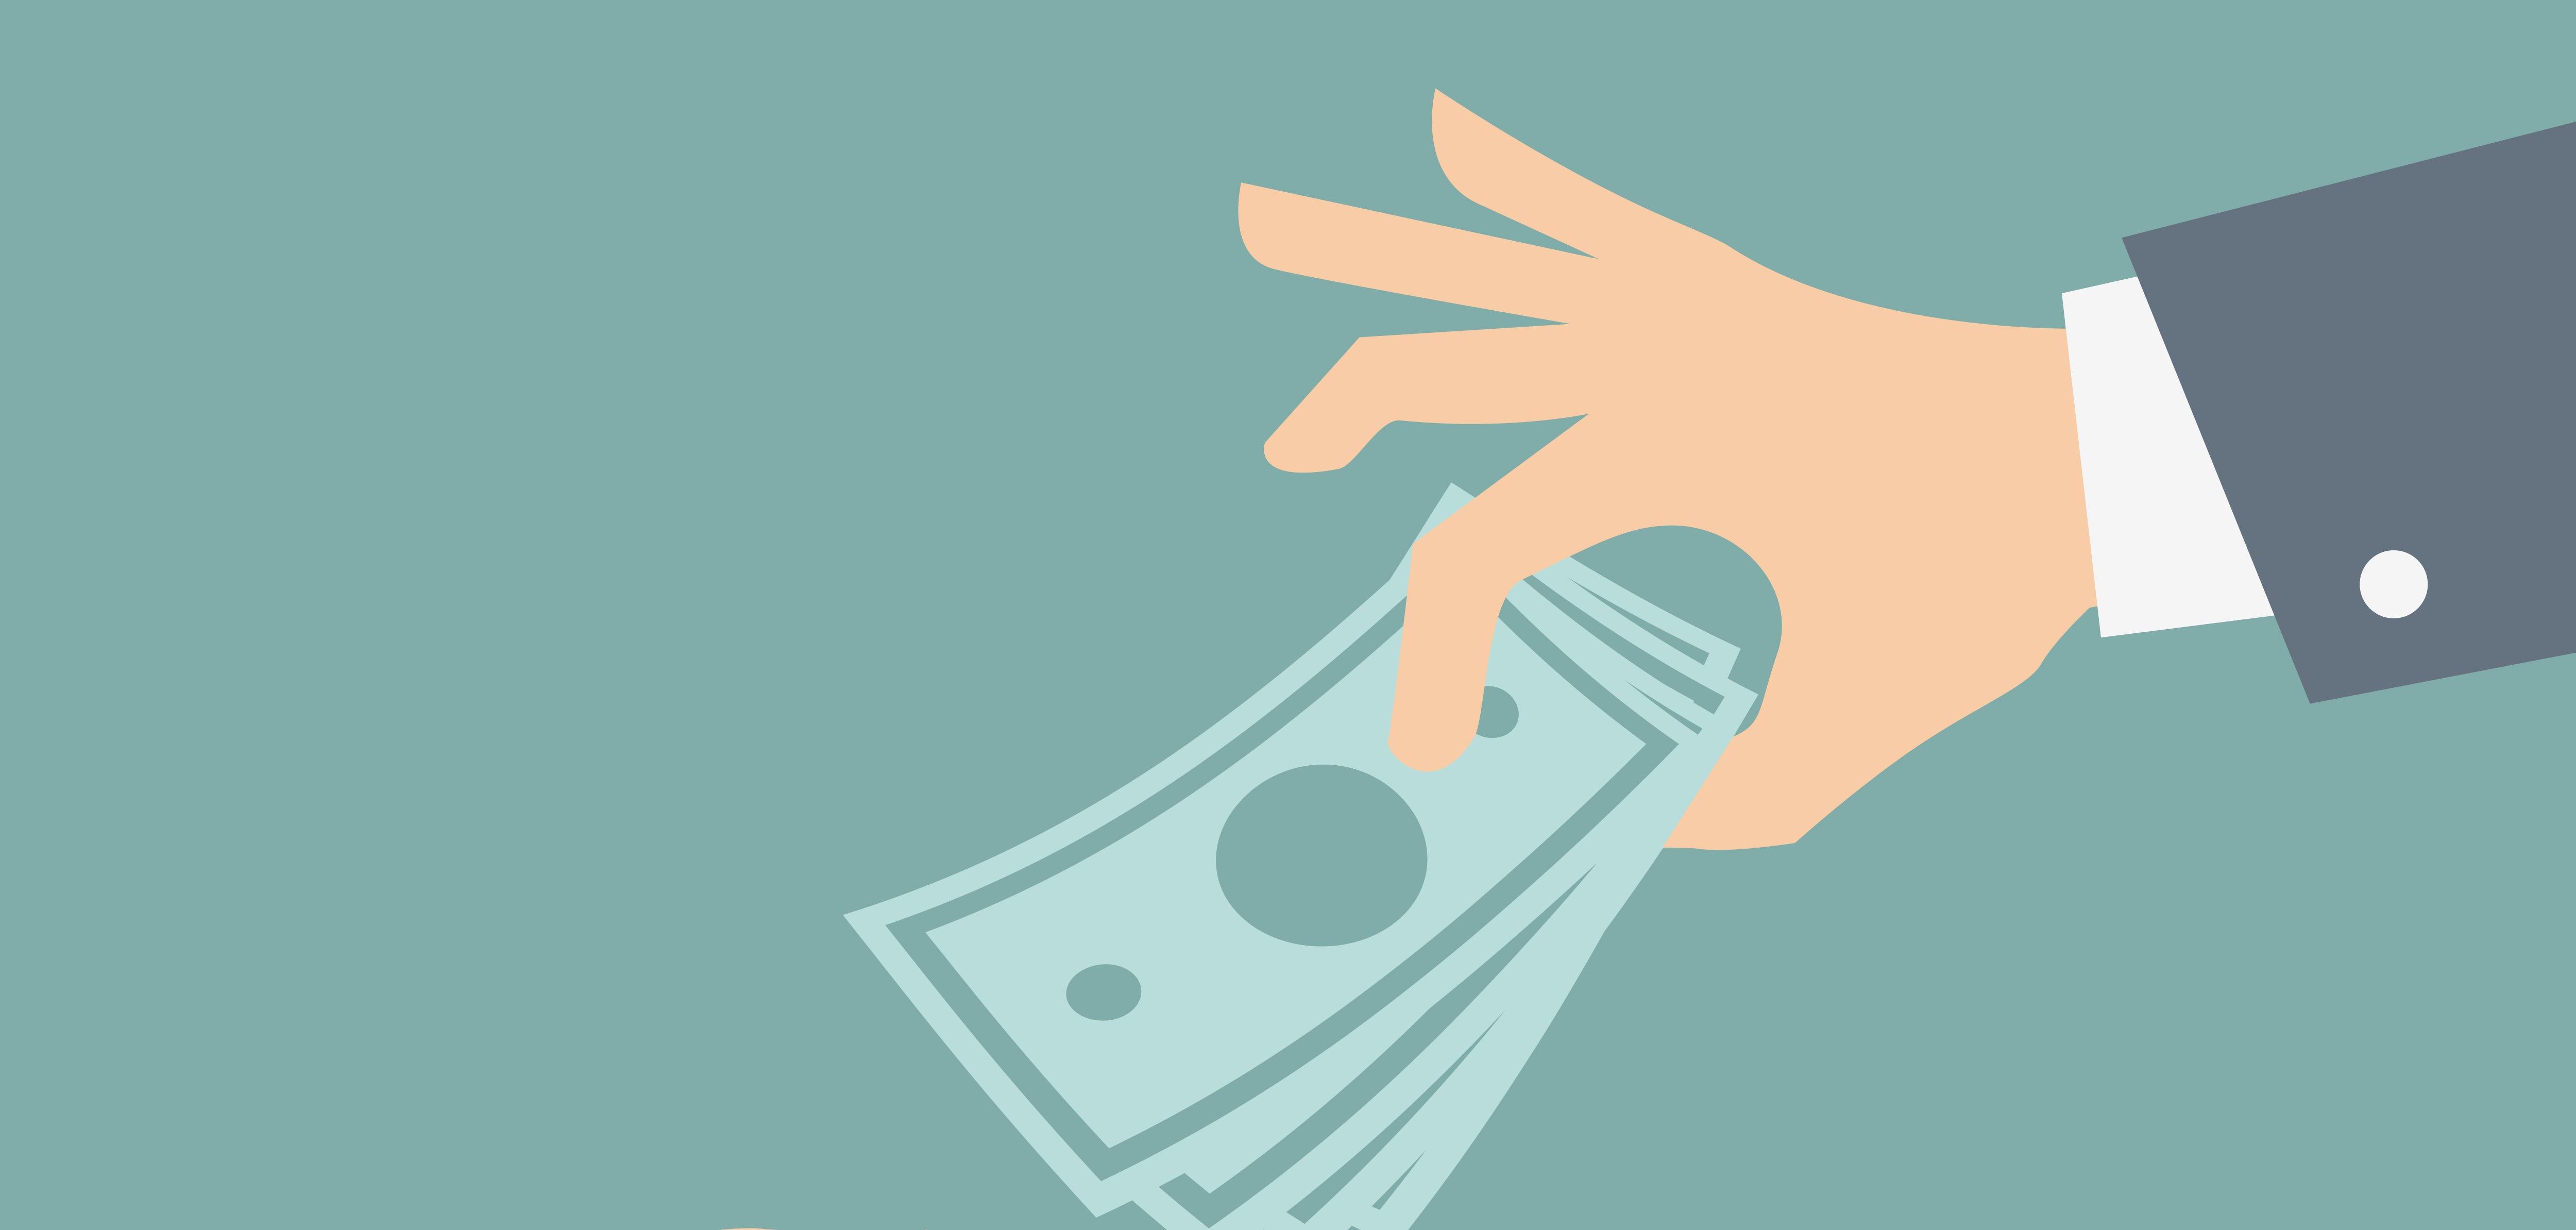 ¿Cómo pueden mejorar los salarios en los países en desarrollo?